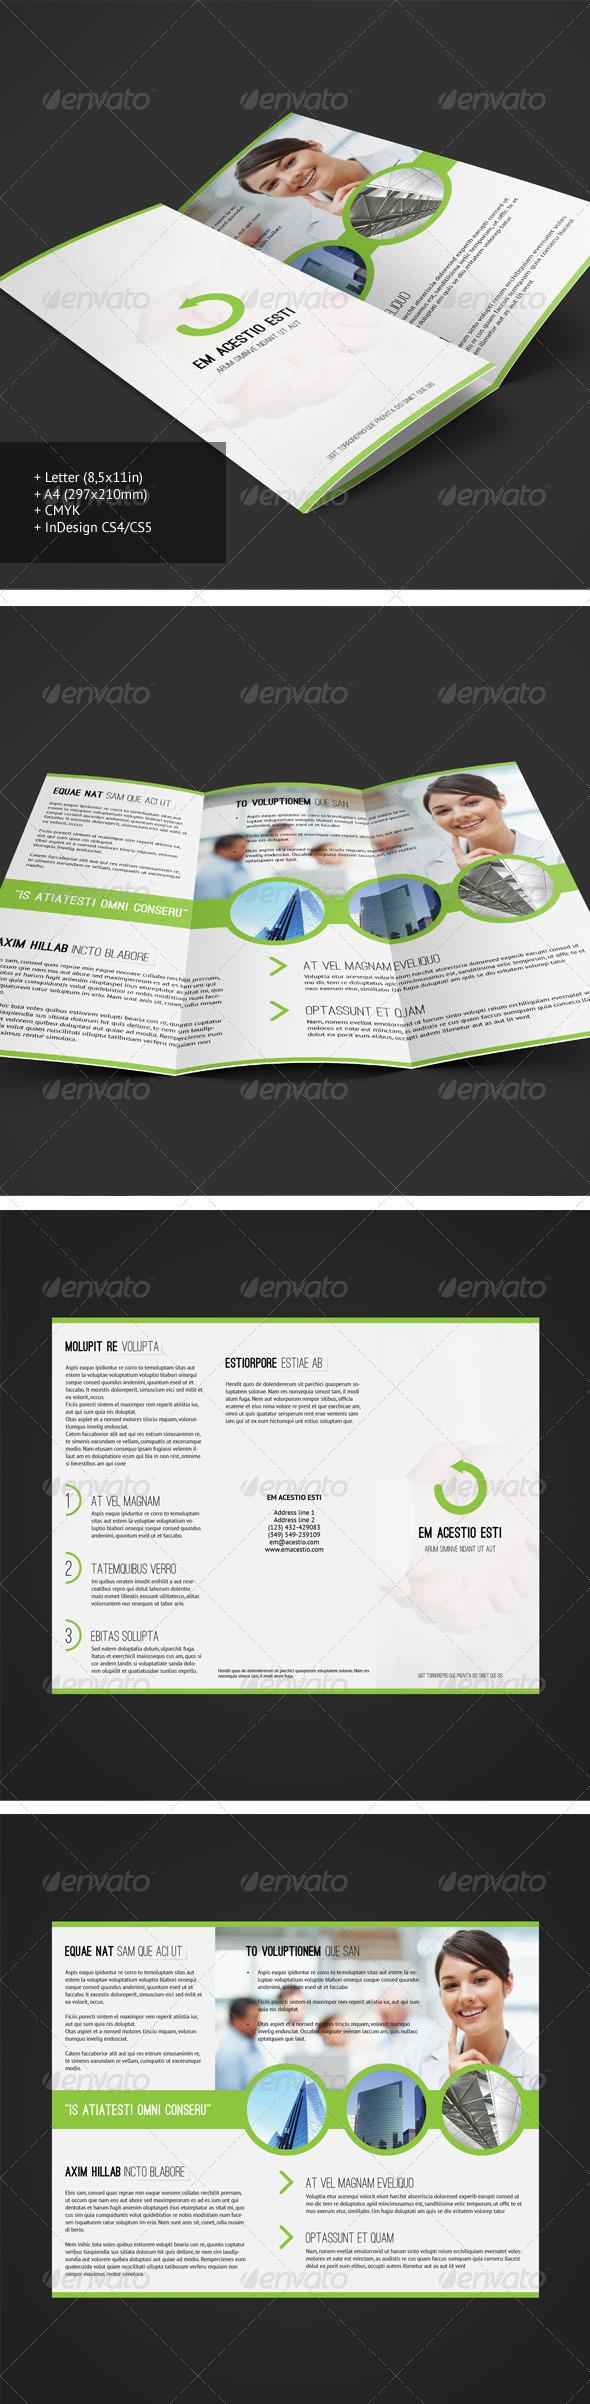 Tri-fold Brochure 8 - Corporate Brochures